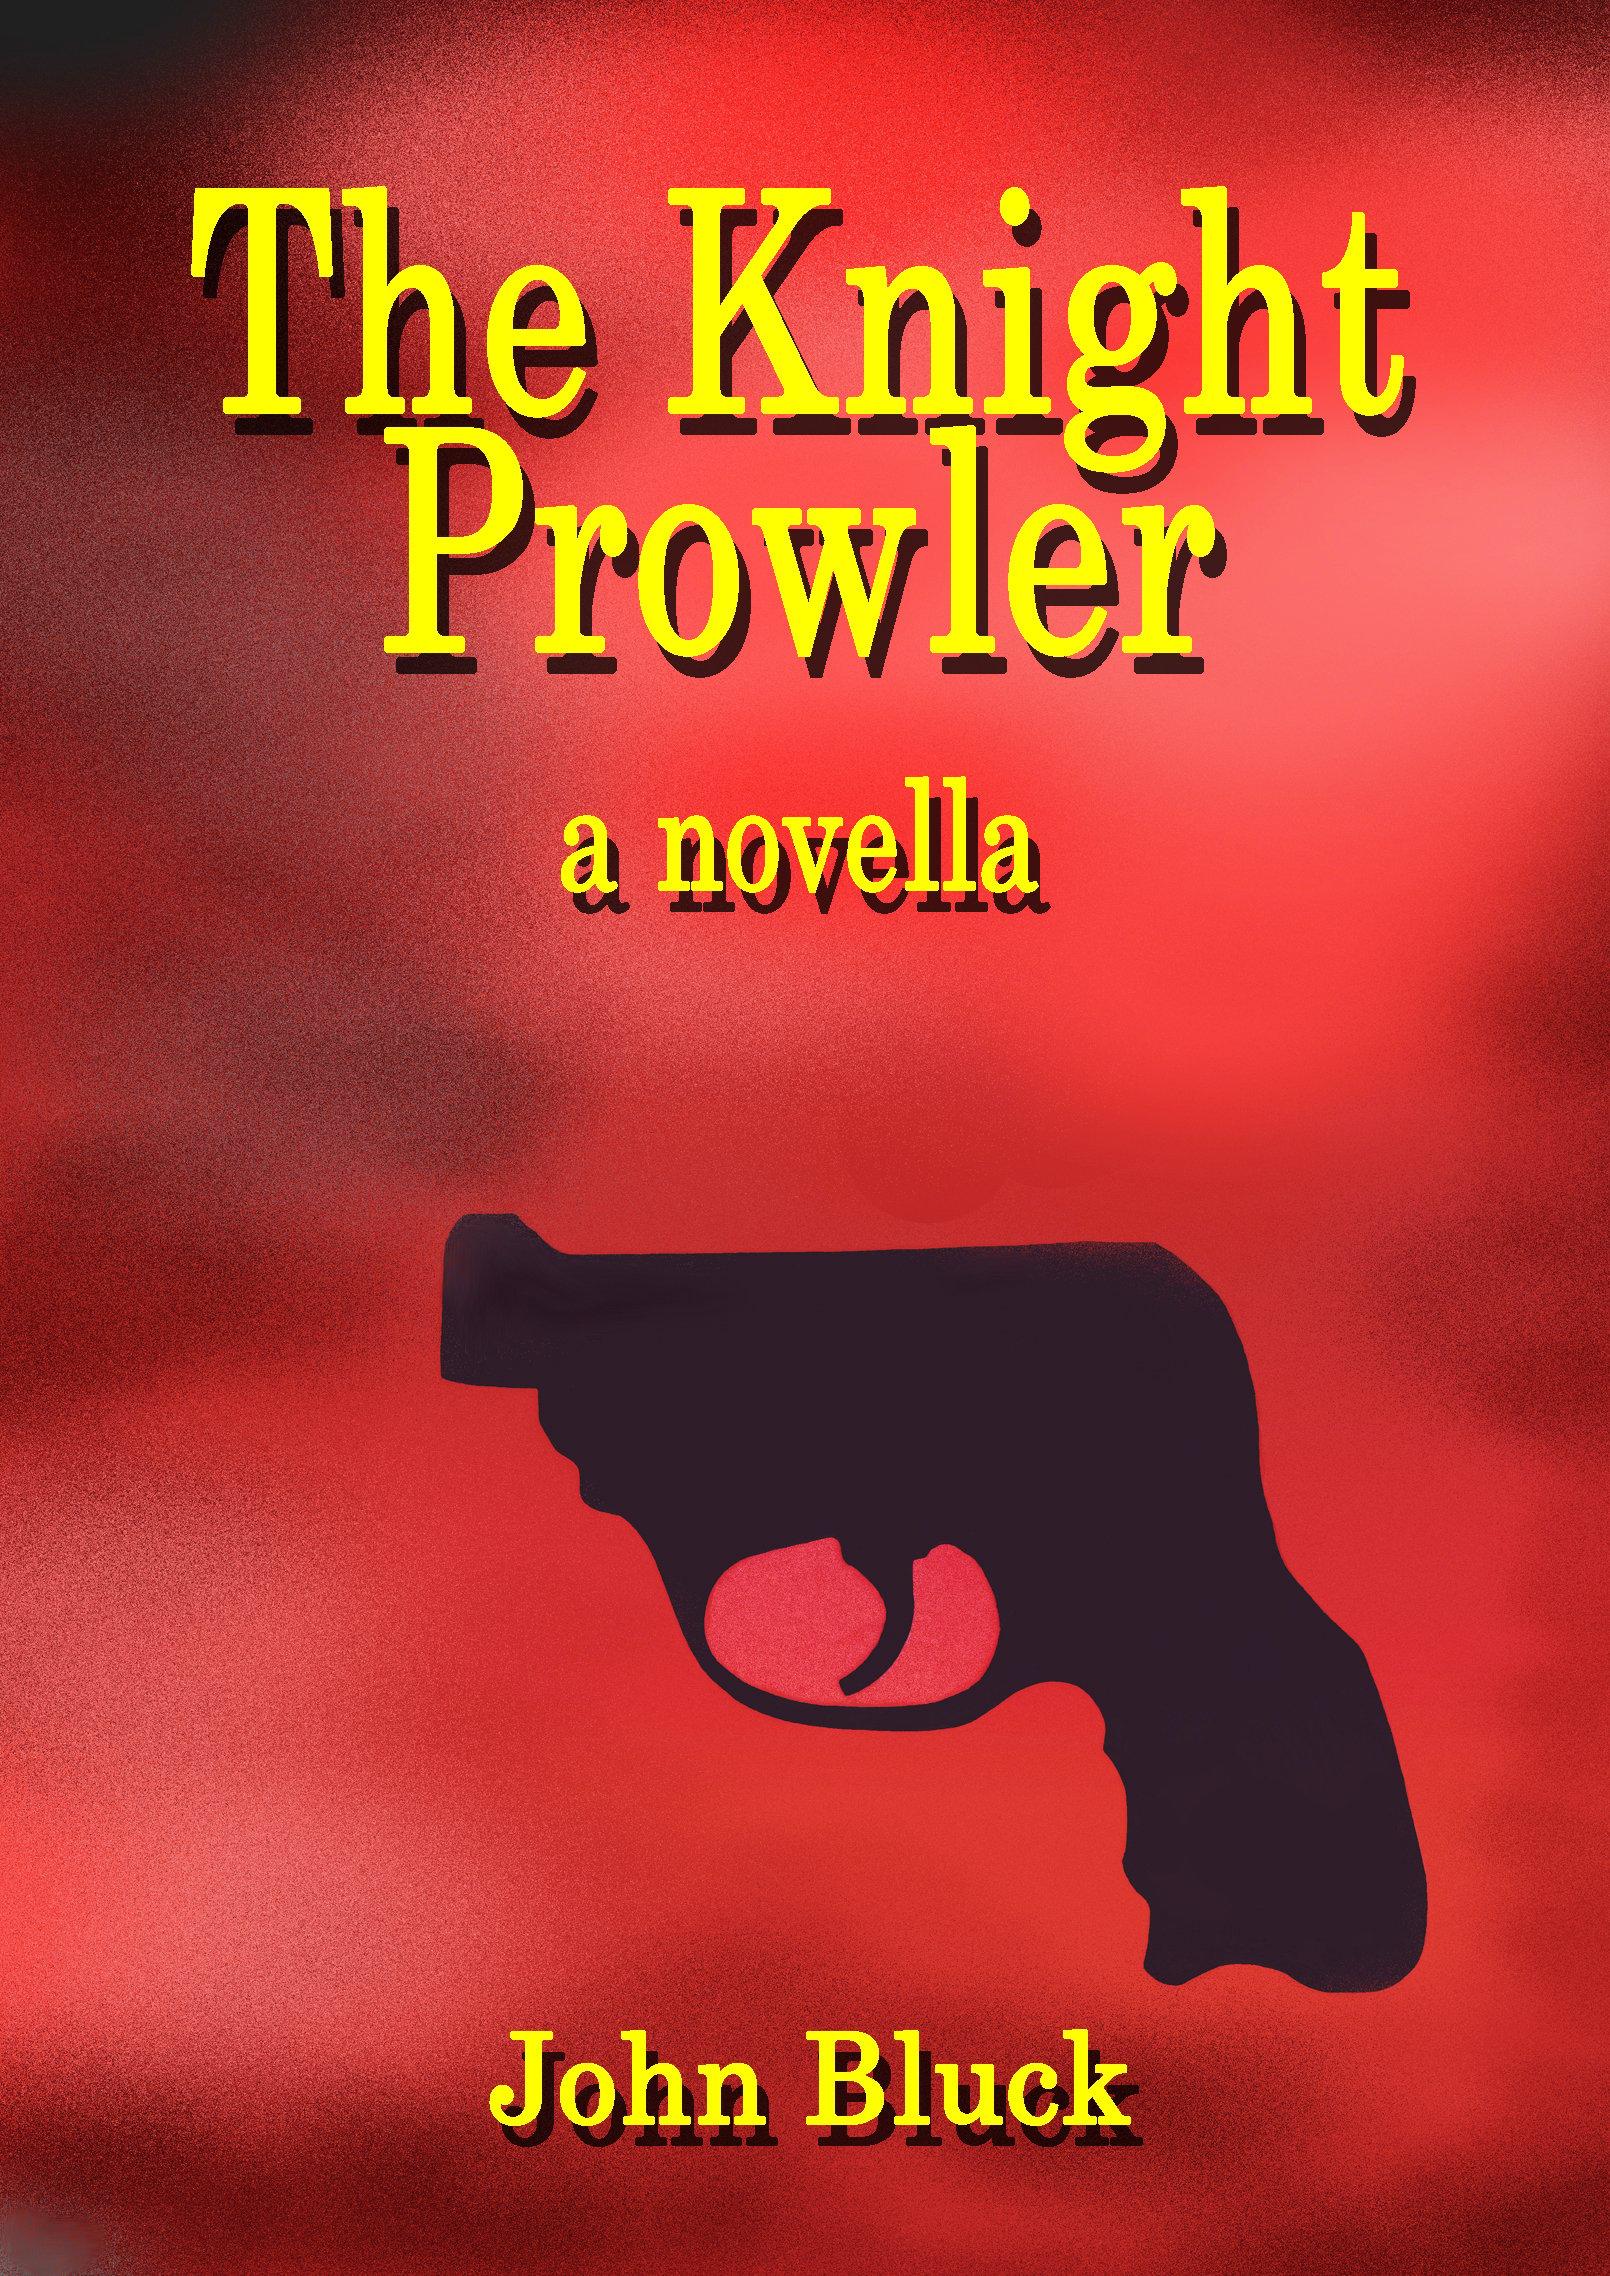 https://0201.nccdn.net/1_2/000/000/128/b03/final_cover_1610wx2270_smashwords_knight_022.jpg